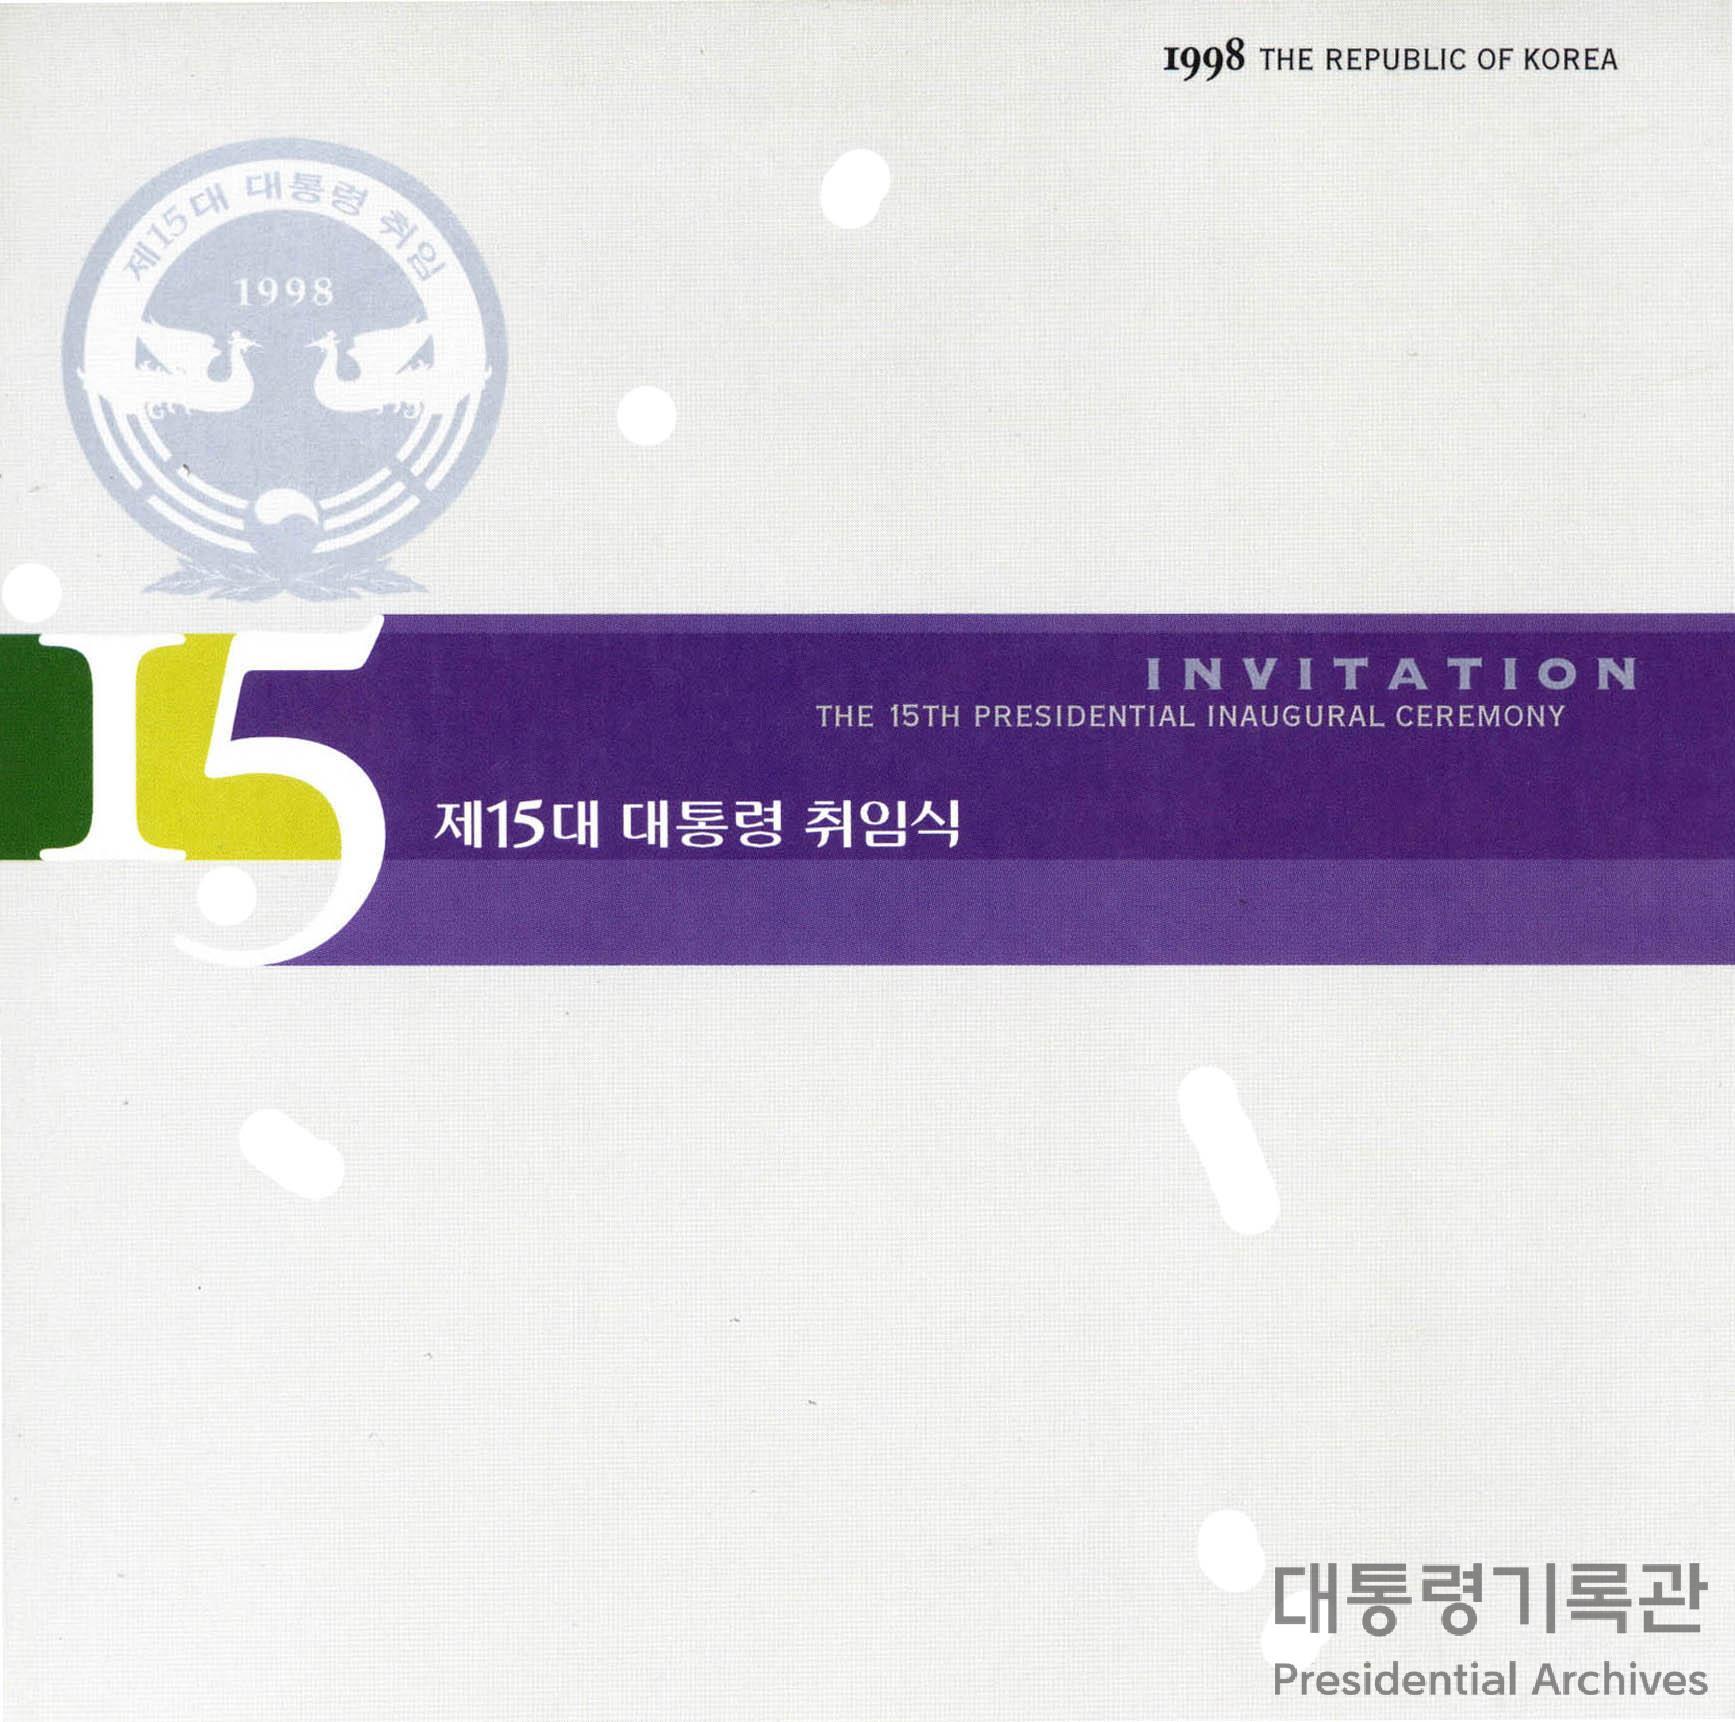 제15대 대통령 취임식 초청장 (1998, 김대중대통령)